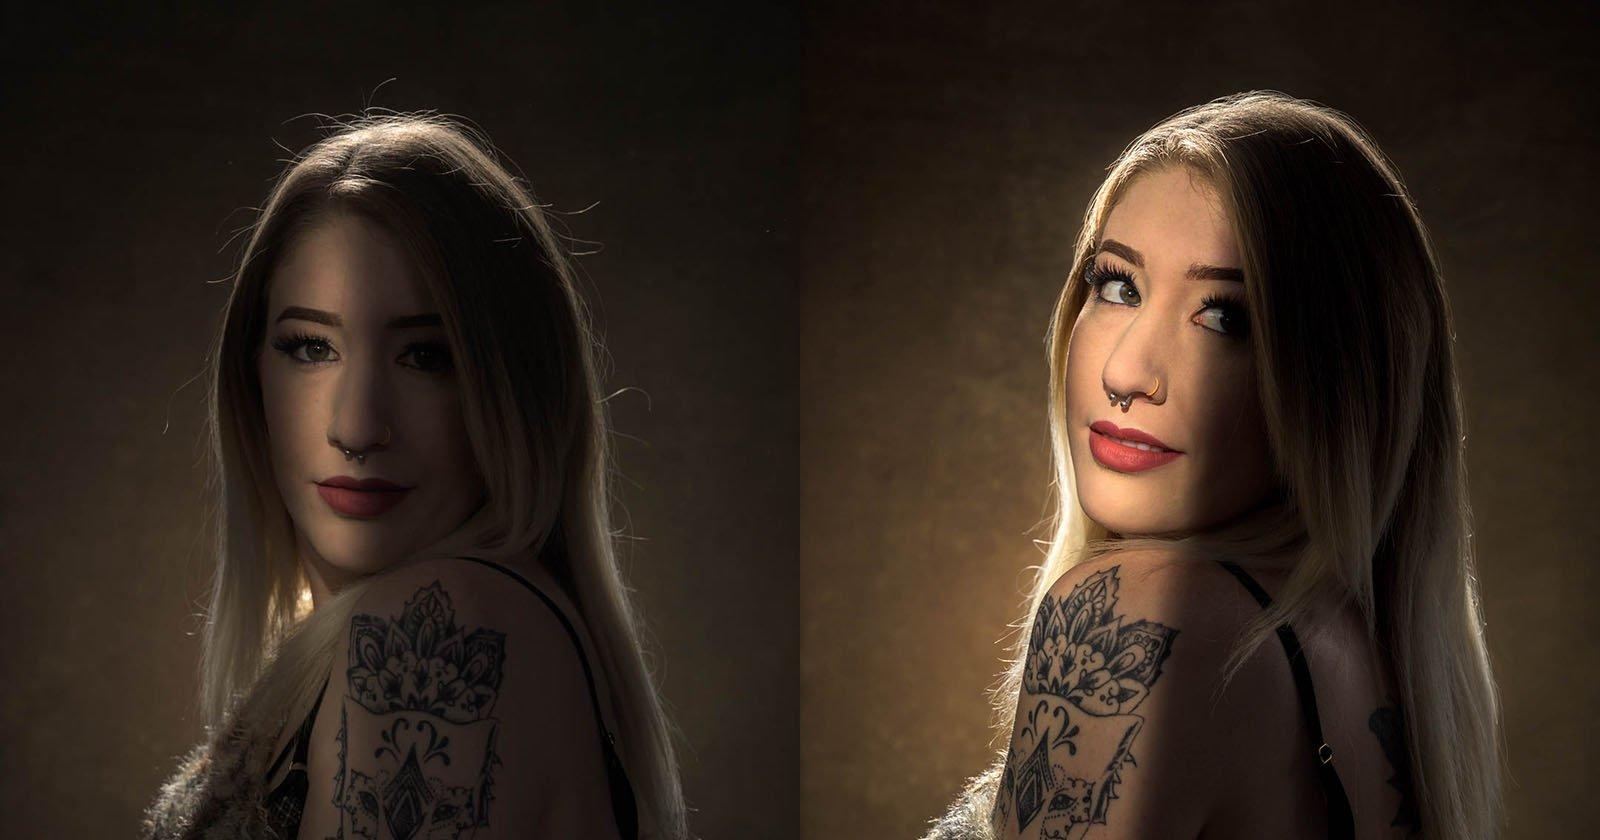 Fotografiar un retrato con luz, sombra y resalte